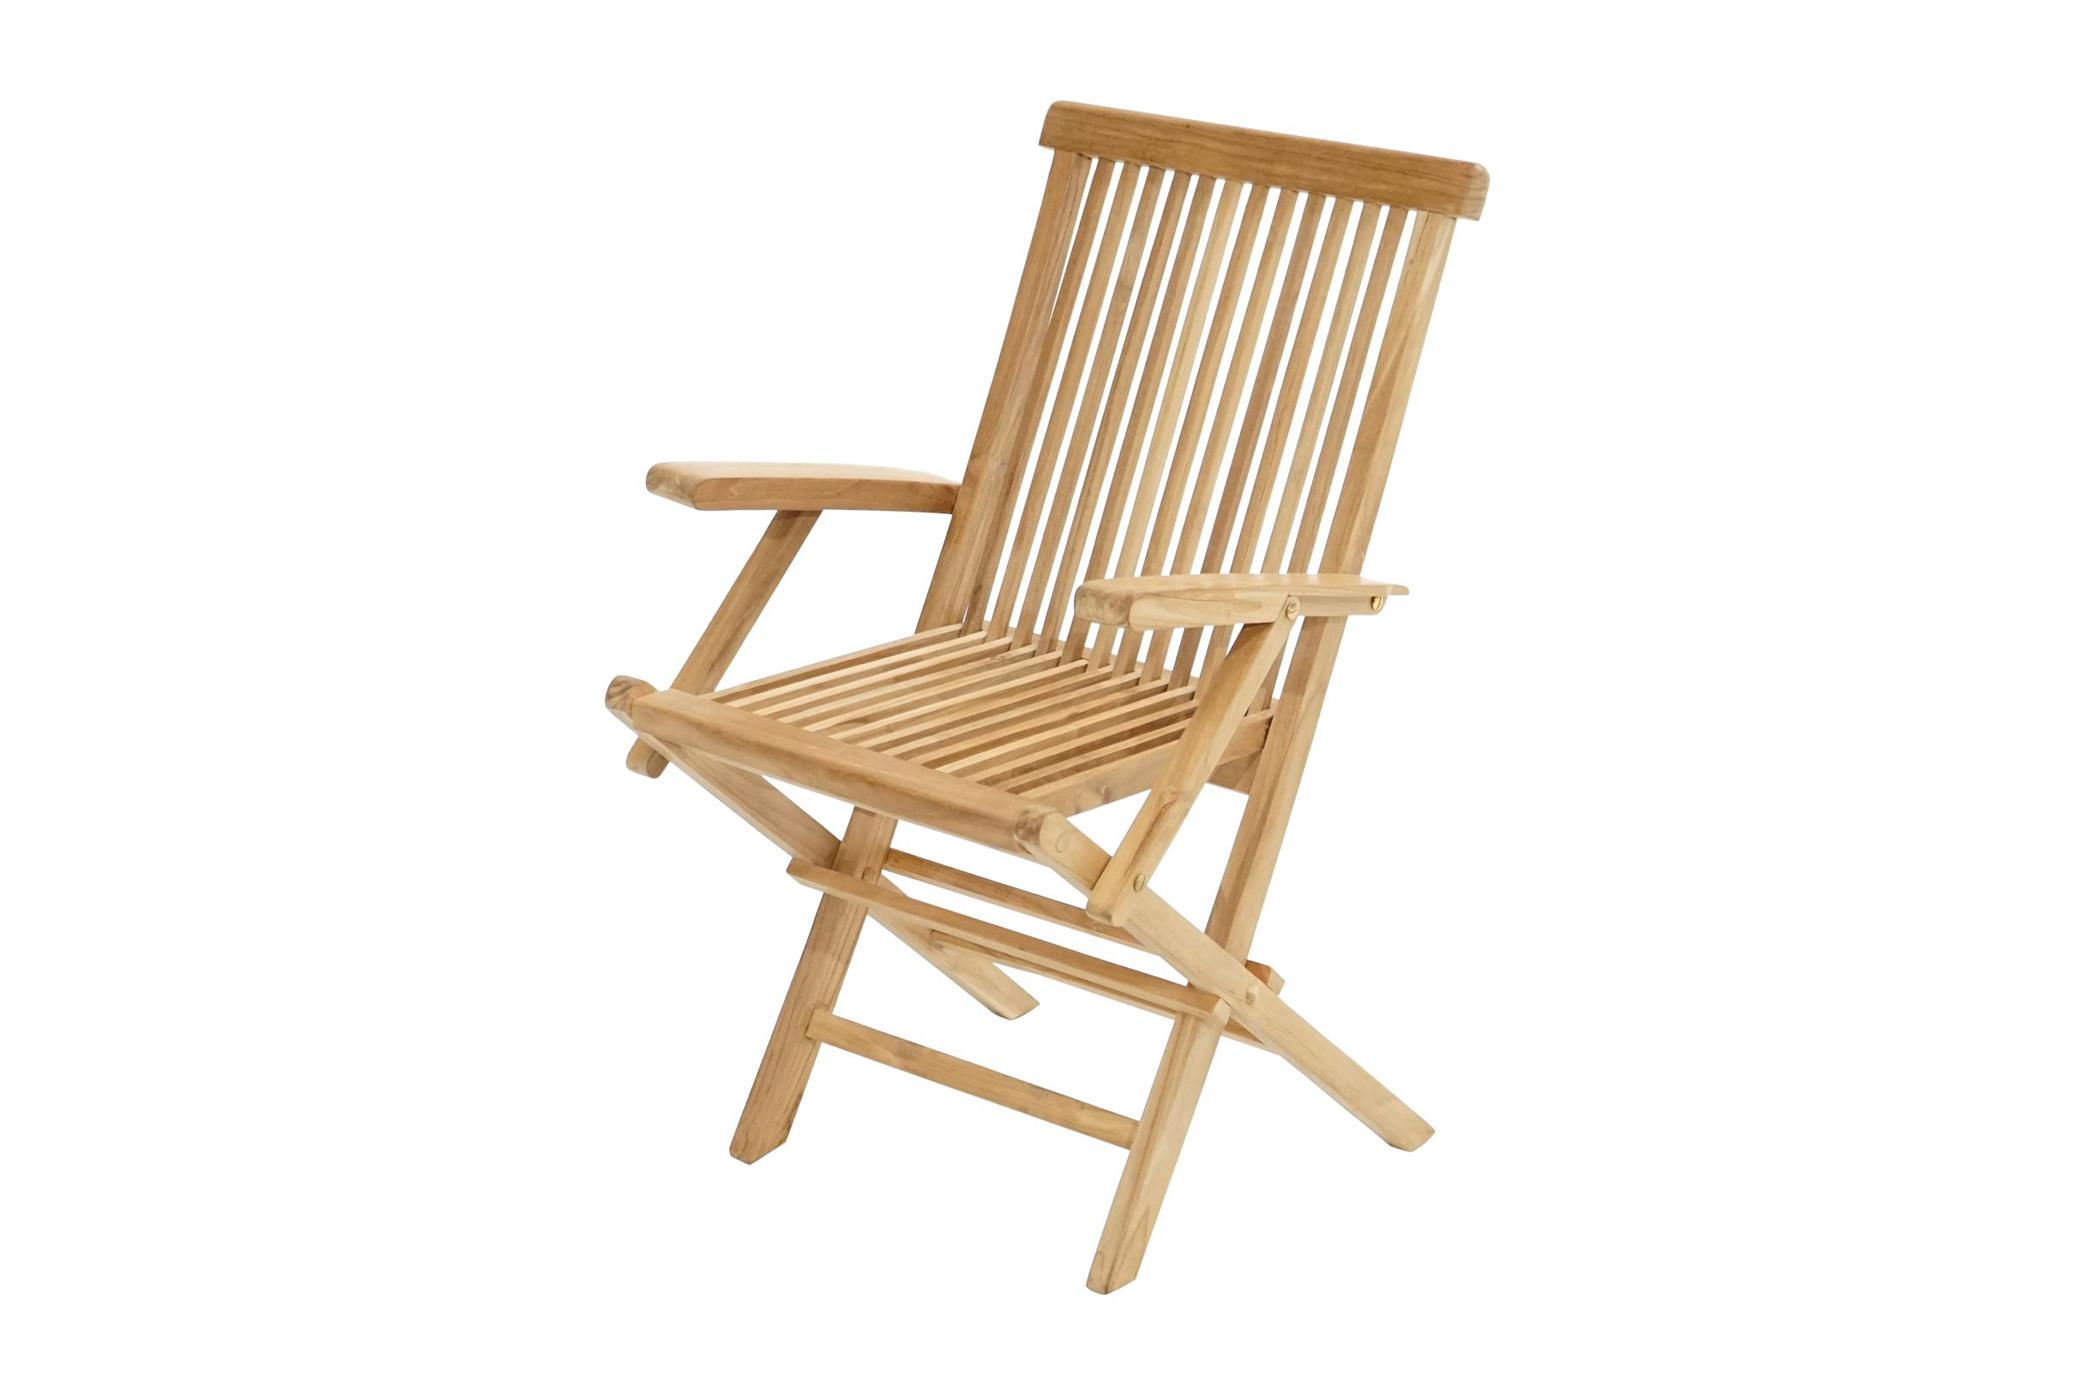 klappsessel milford premium teak milford plo kollektionen gardanio ihr online shop f r. Black Bedroom Furniture Sets. Home Design Ideas